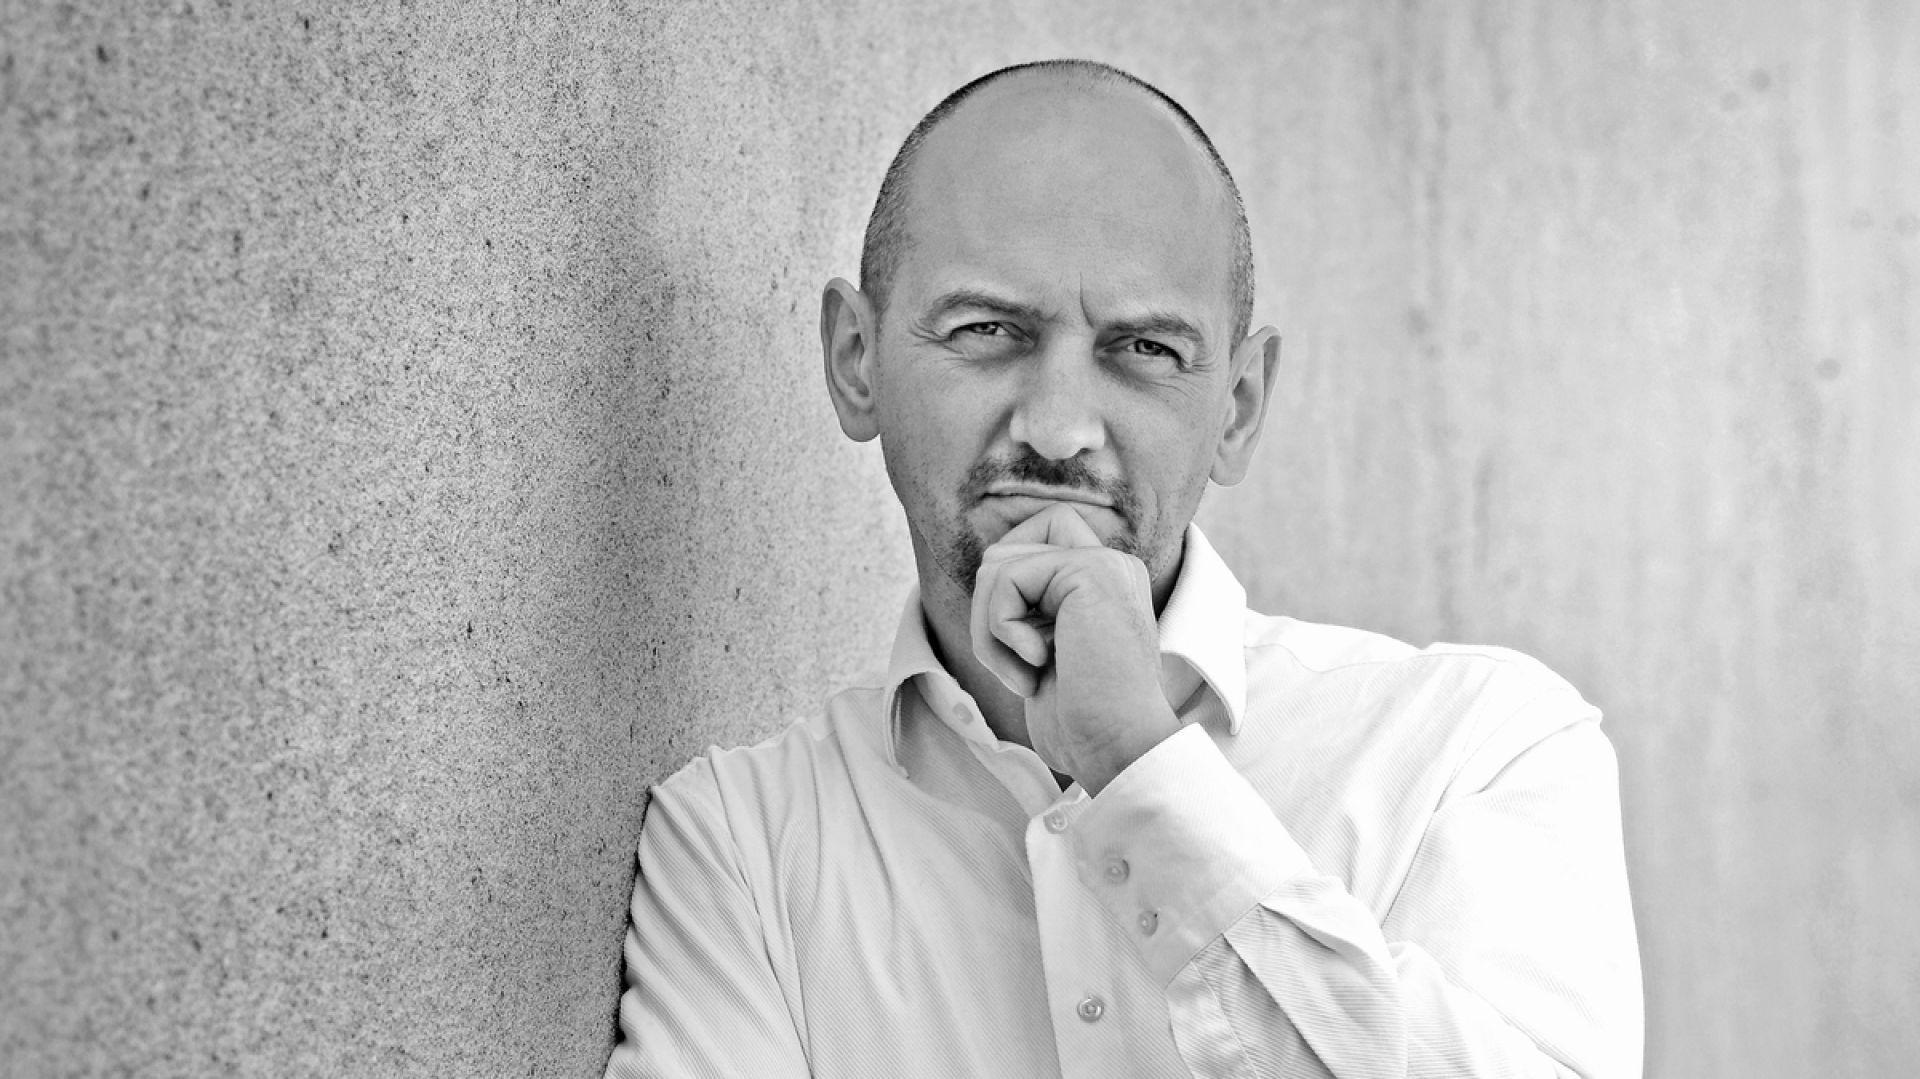 Piotr Wełniak - gość Studia Dobrych Rozwiązań w Poznaniu. Fot. Archiwum